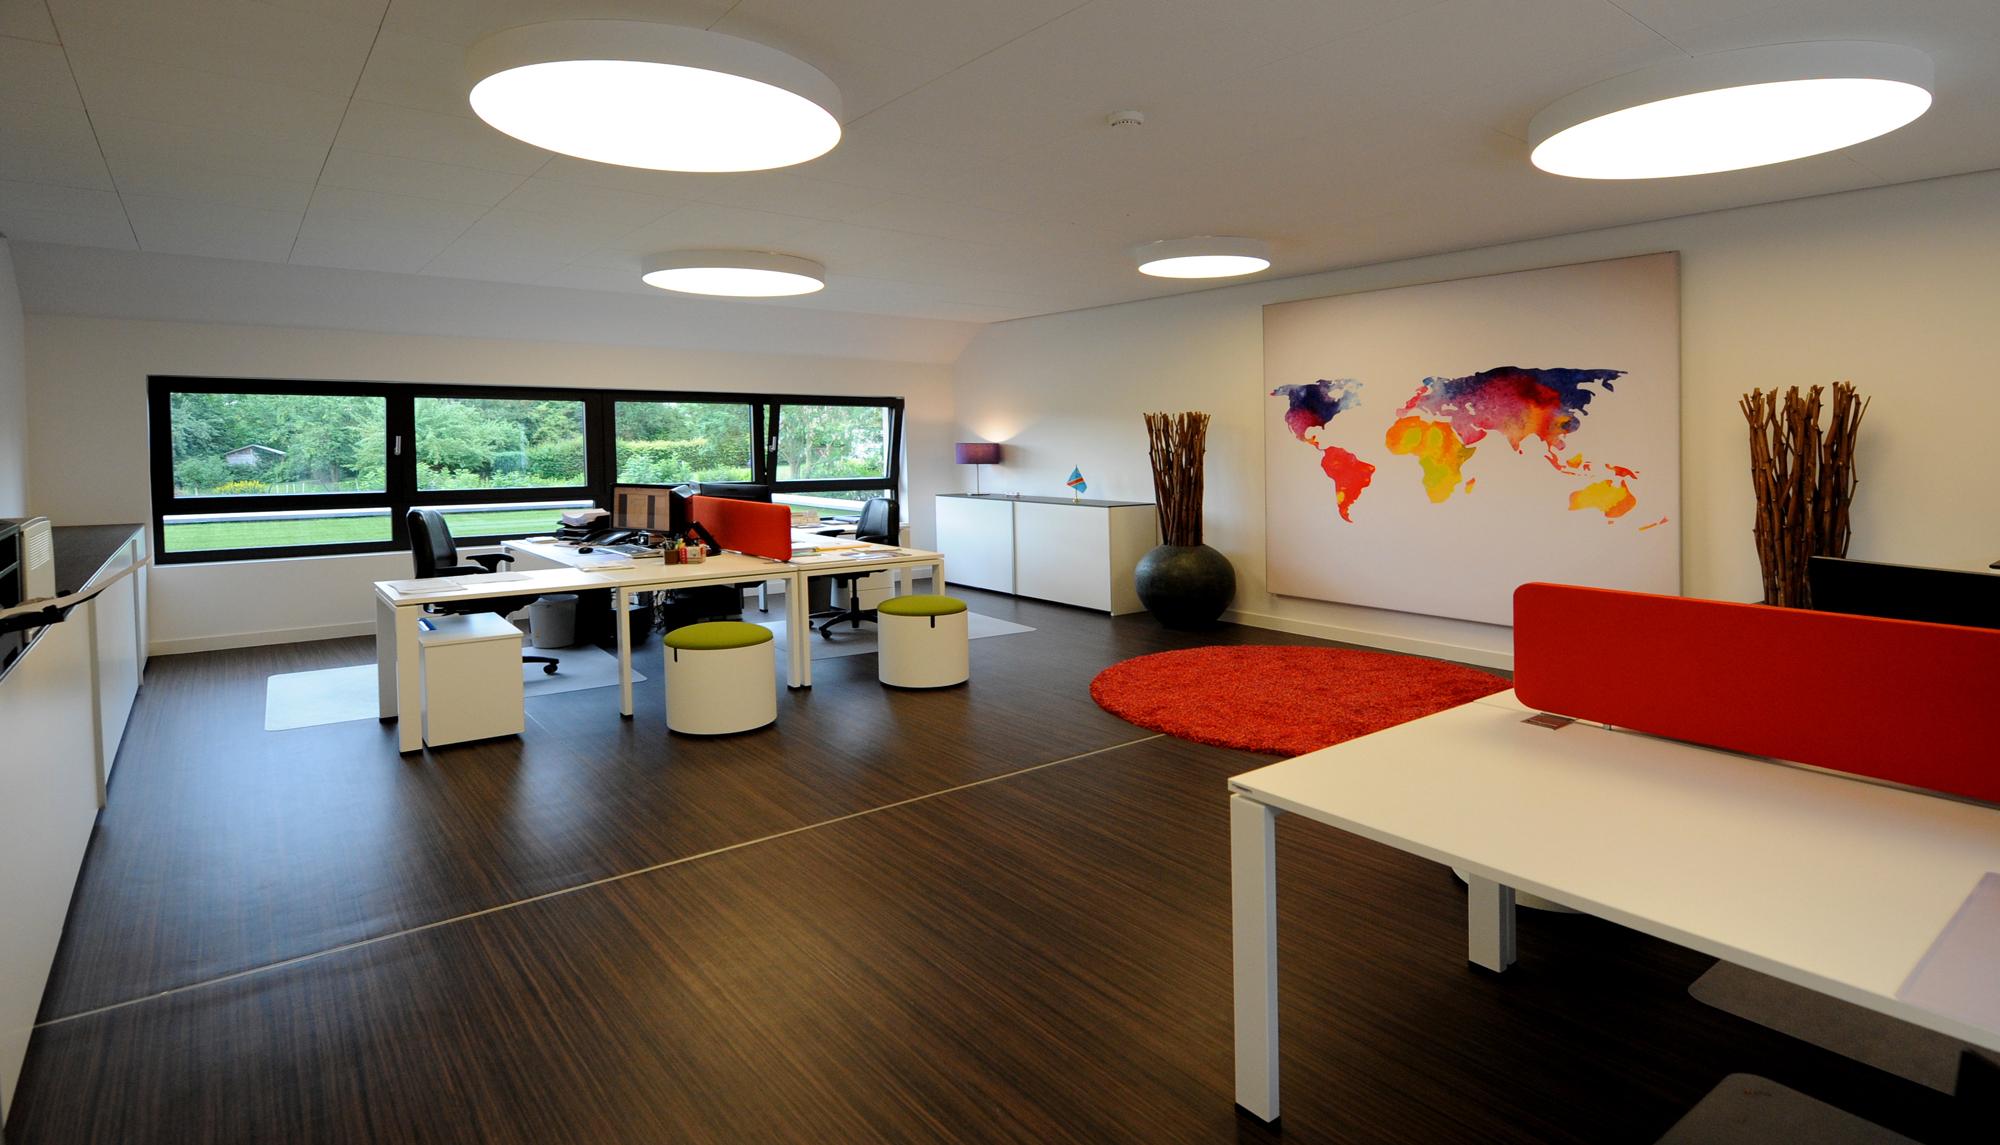 Architecture Responsable Bureau darchitectes BrabantWallon